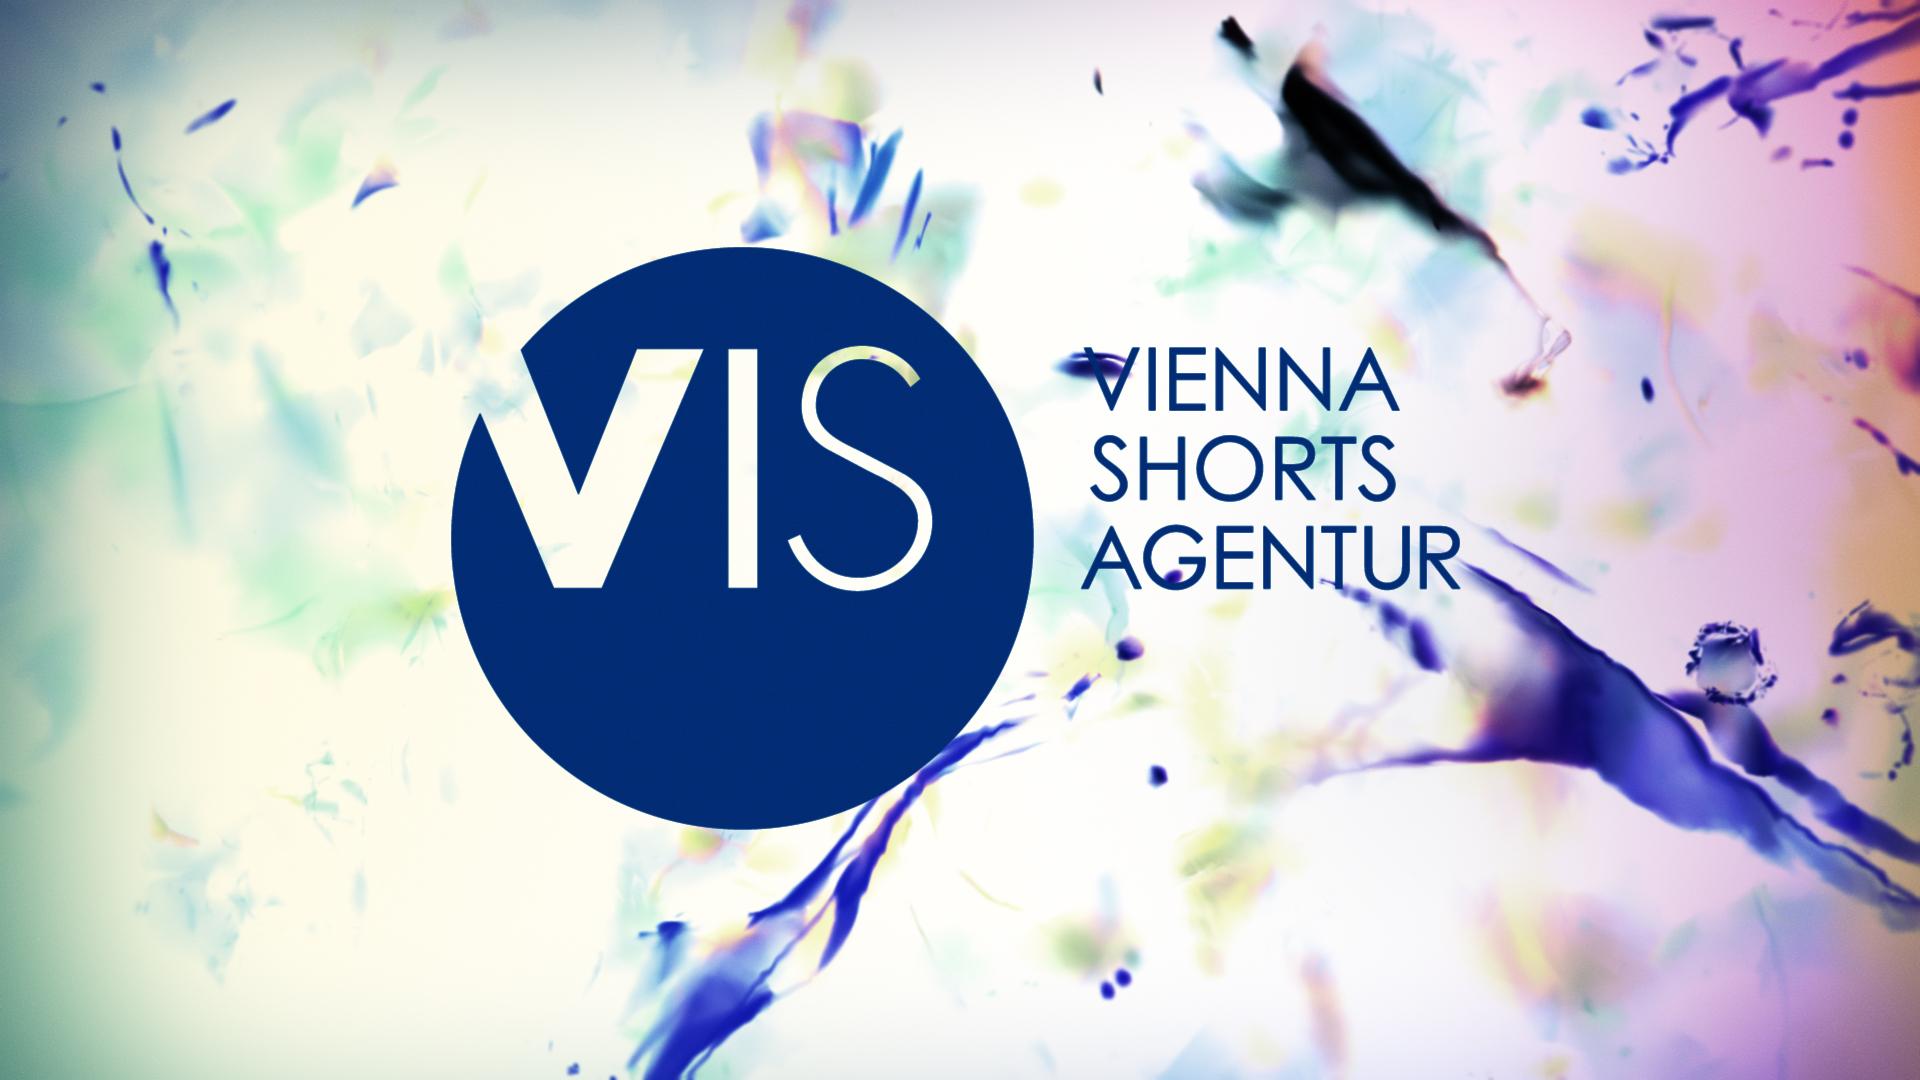 VIS Vienna Shorts Agentur Logo